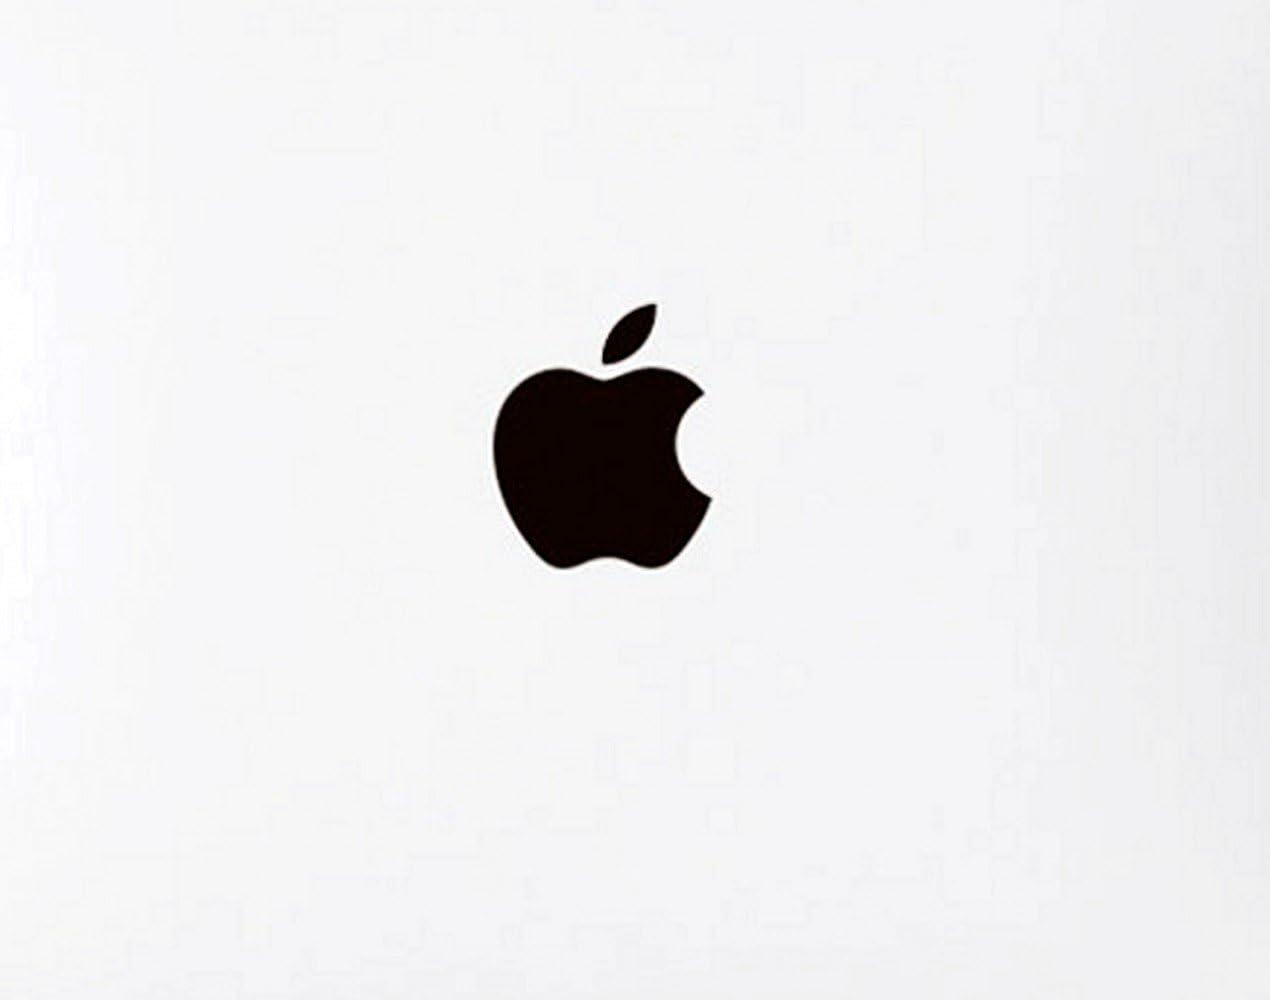 Lot de 5 autocollants Wallner en métal avec logo Apple - Pour iPhone 6 Plus / 5S / 7 Plus - Doré